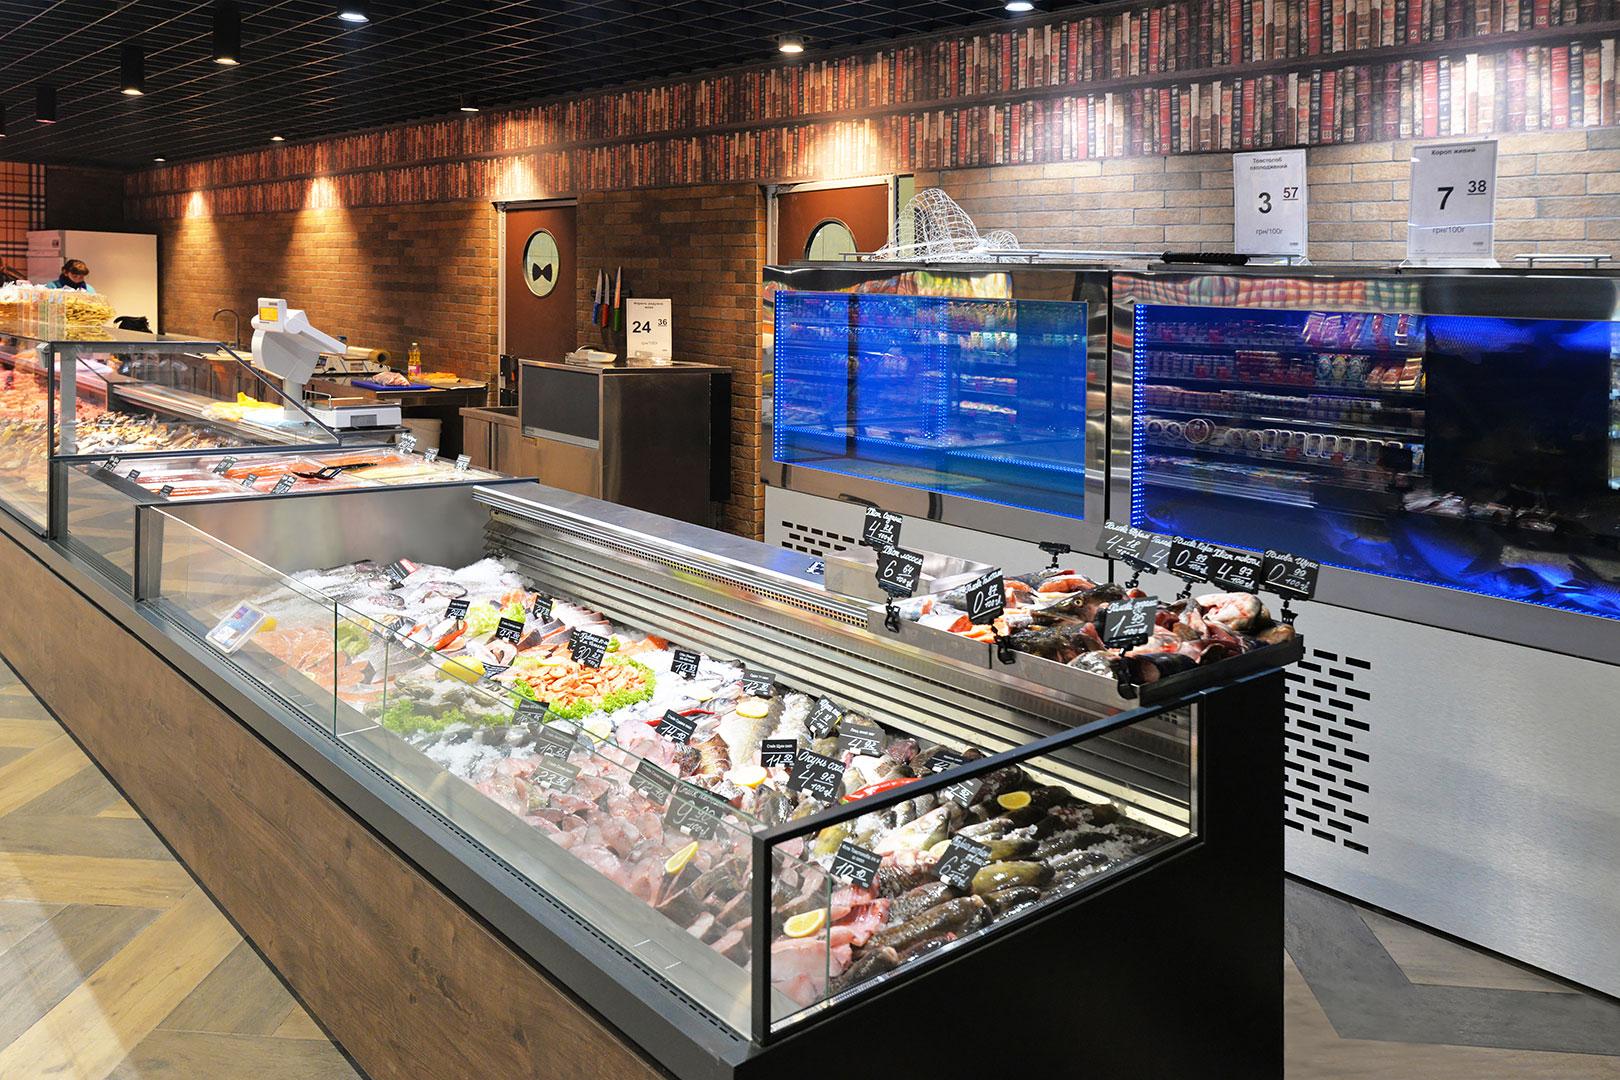 Спеціалізовані вітрини для продажу риби і морепродуктів Missouri MC 120 fish self 086-SLA, Missouri MC 120 ice self 086-SLM